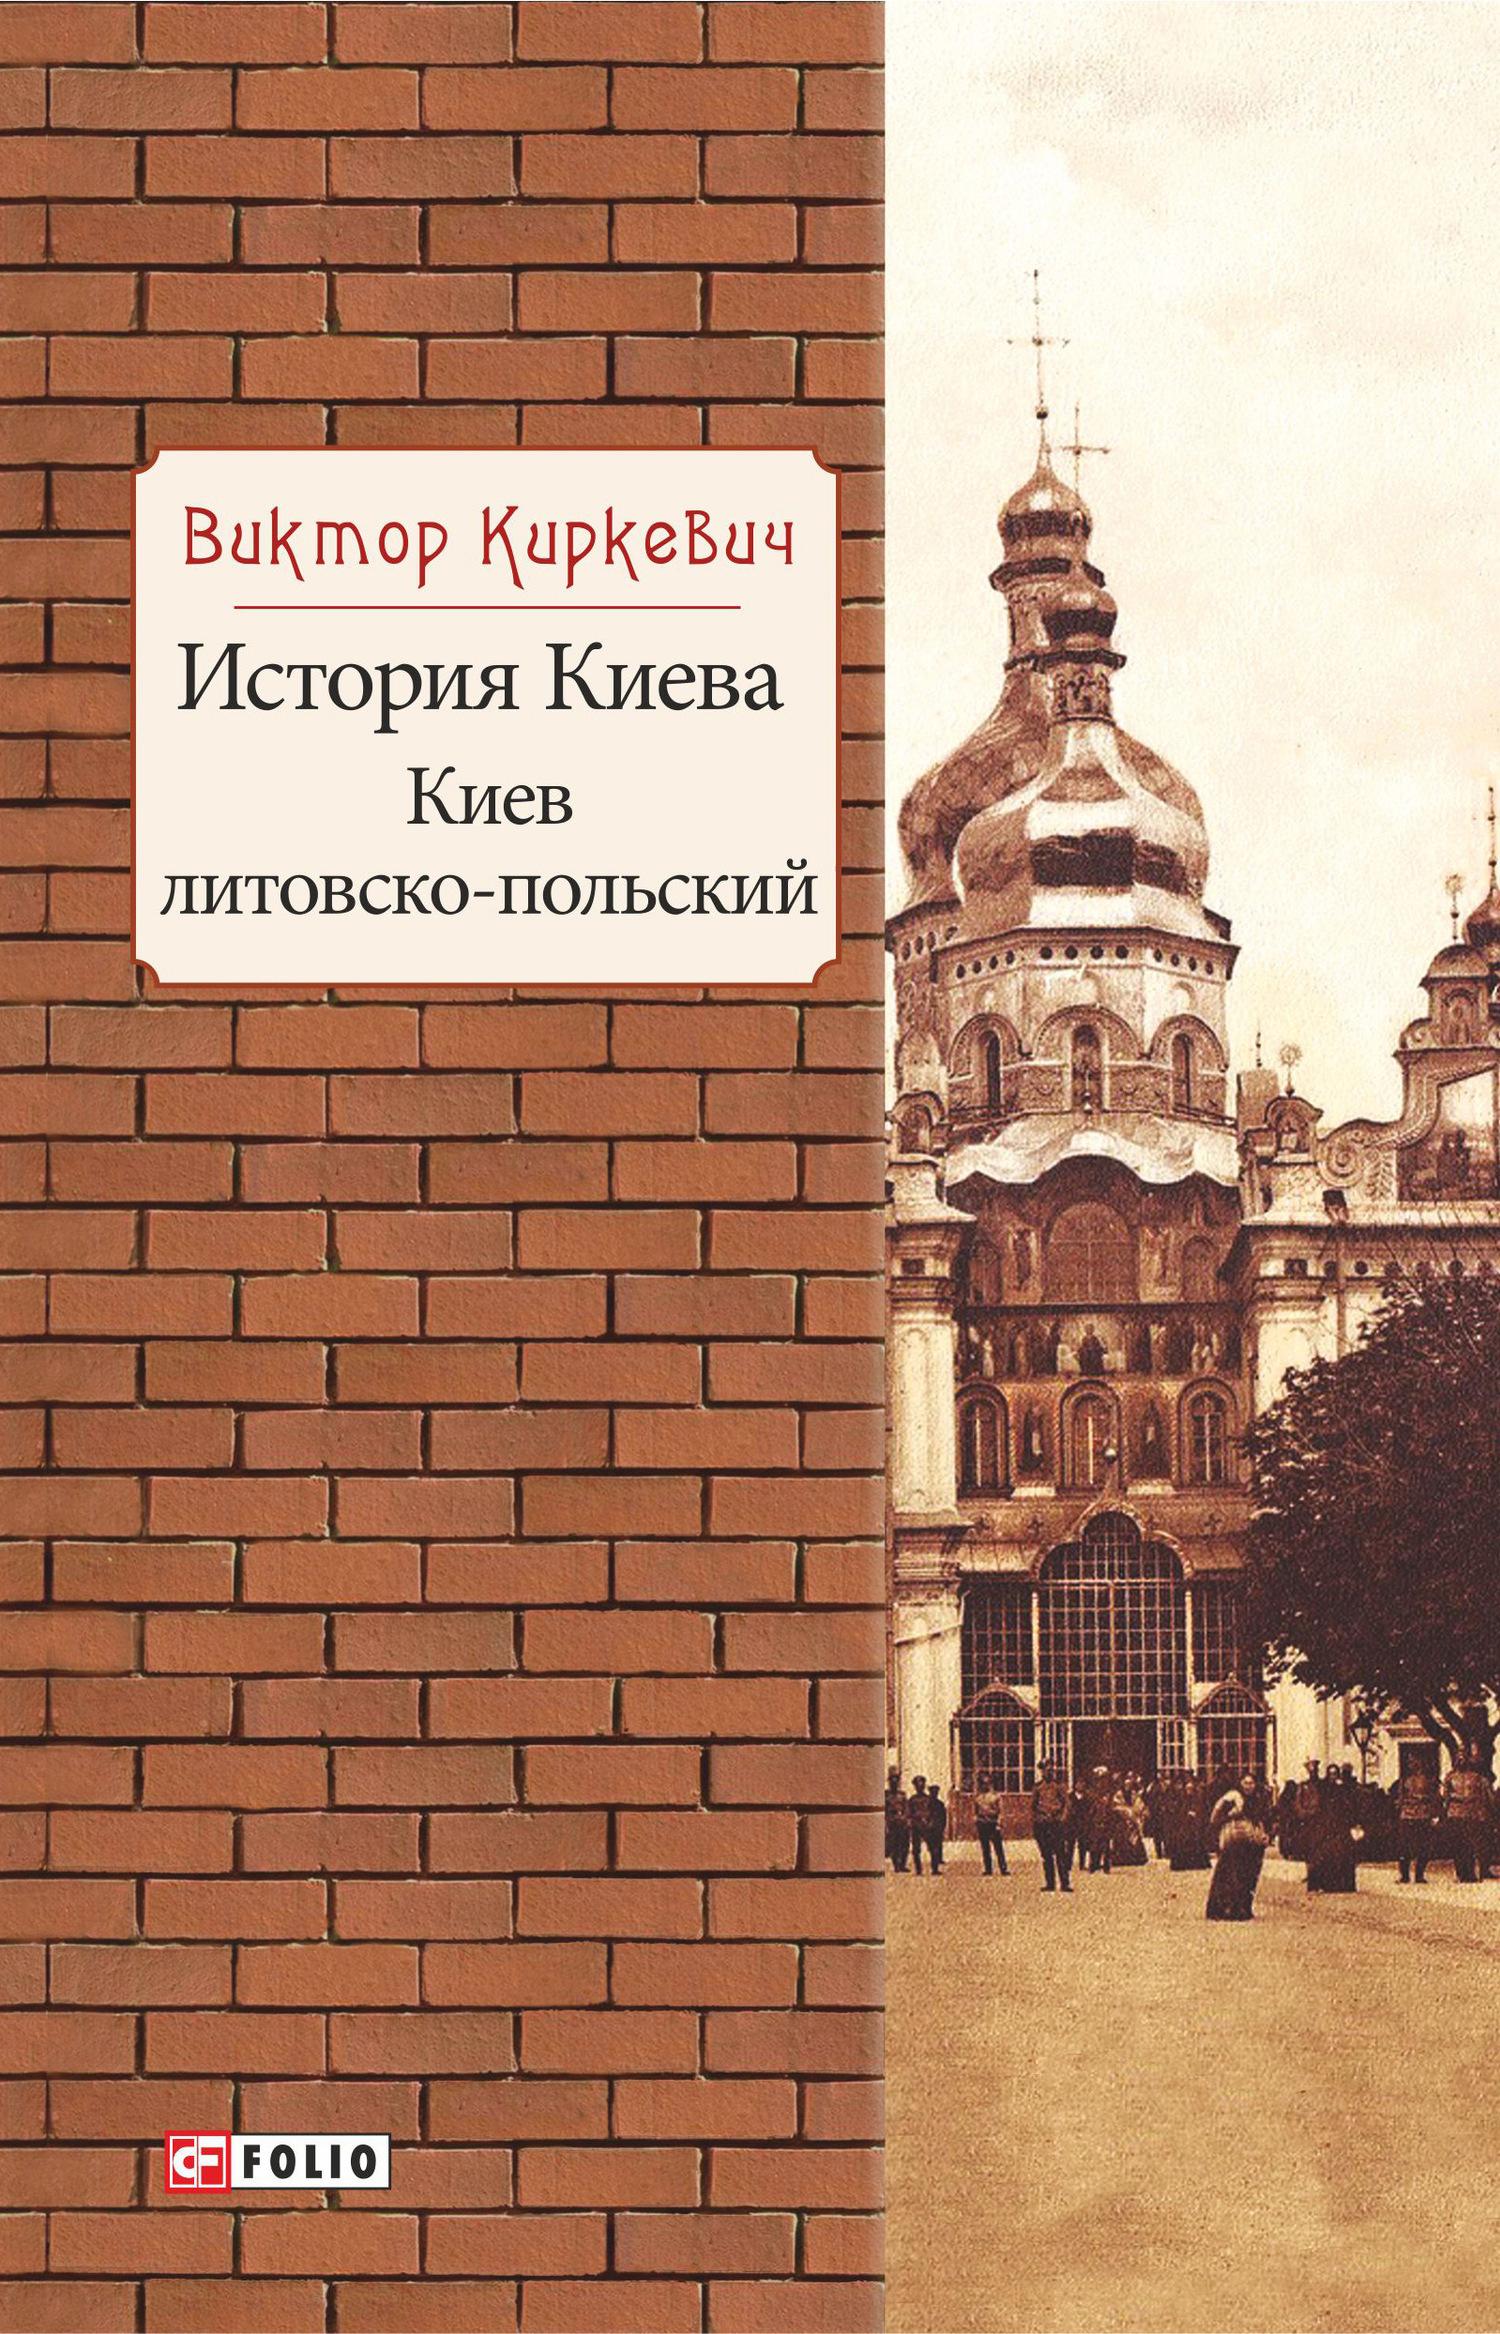 История Киева. Киев литовско-польский